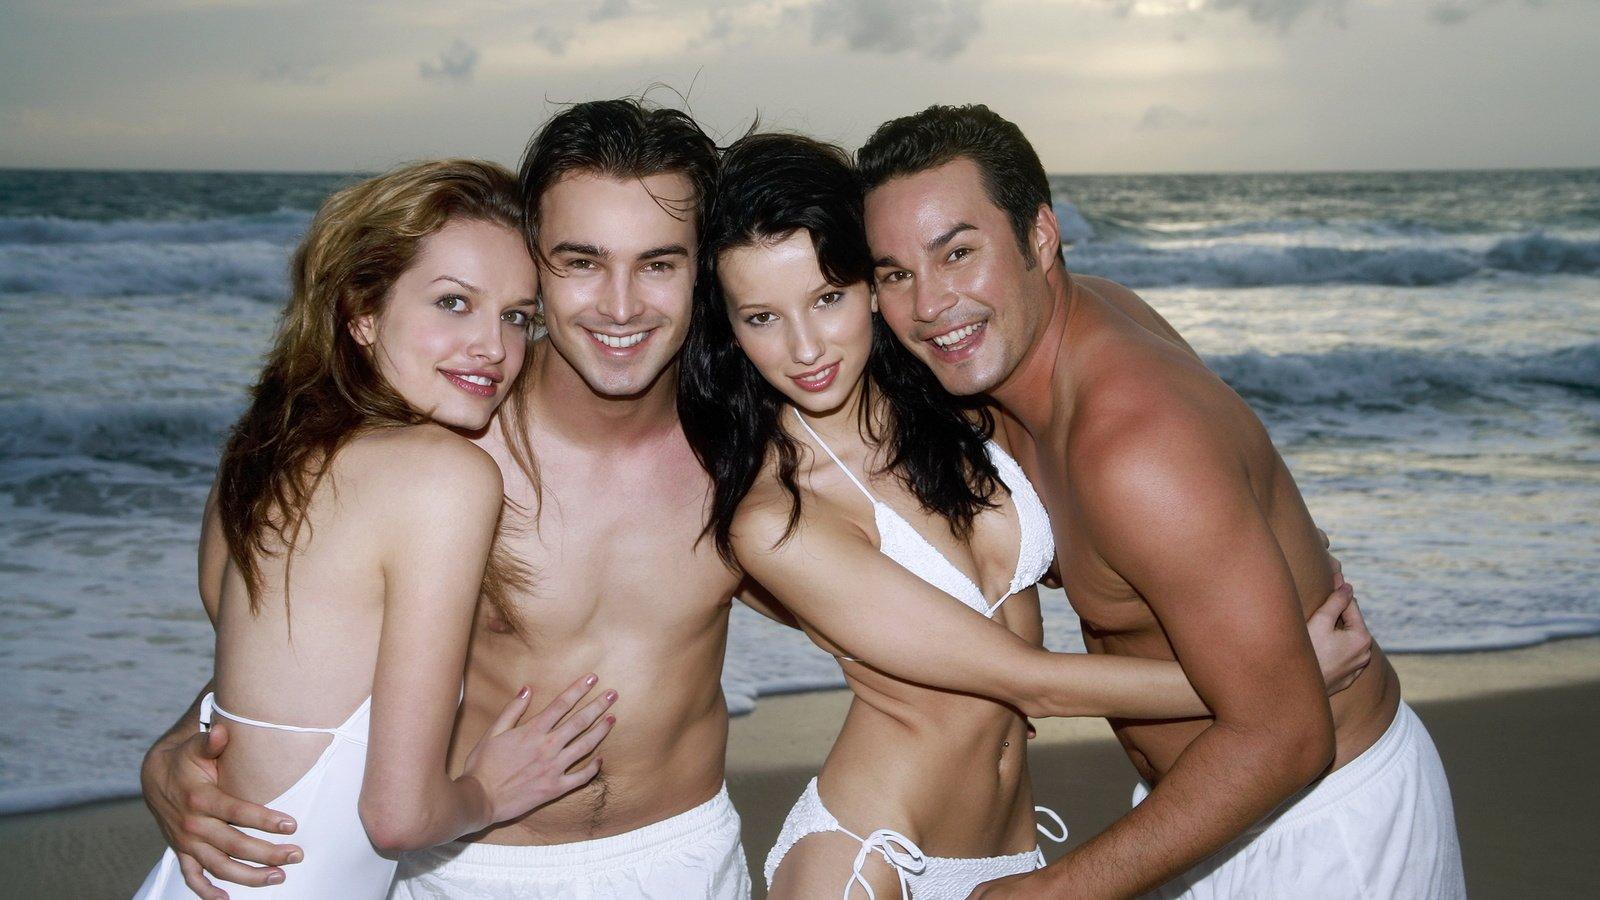 Трио два мужика, гиг порно втроем видео смотреть HD порно бесплатно 27 фотография